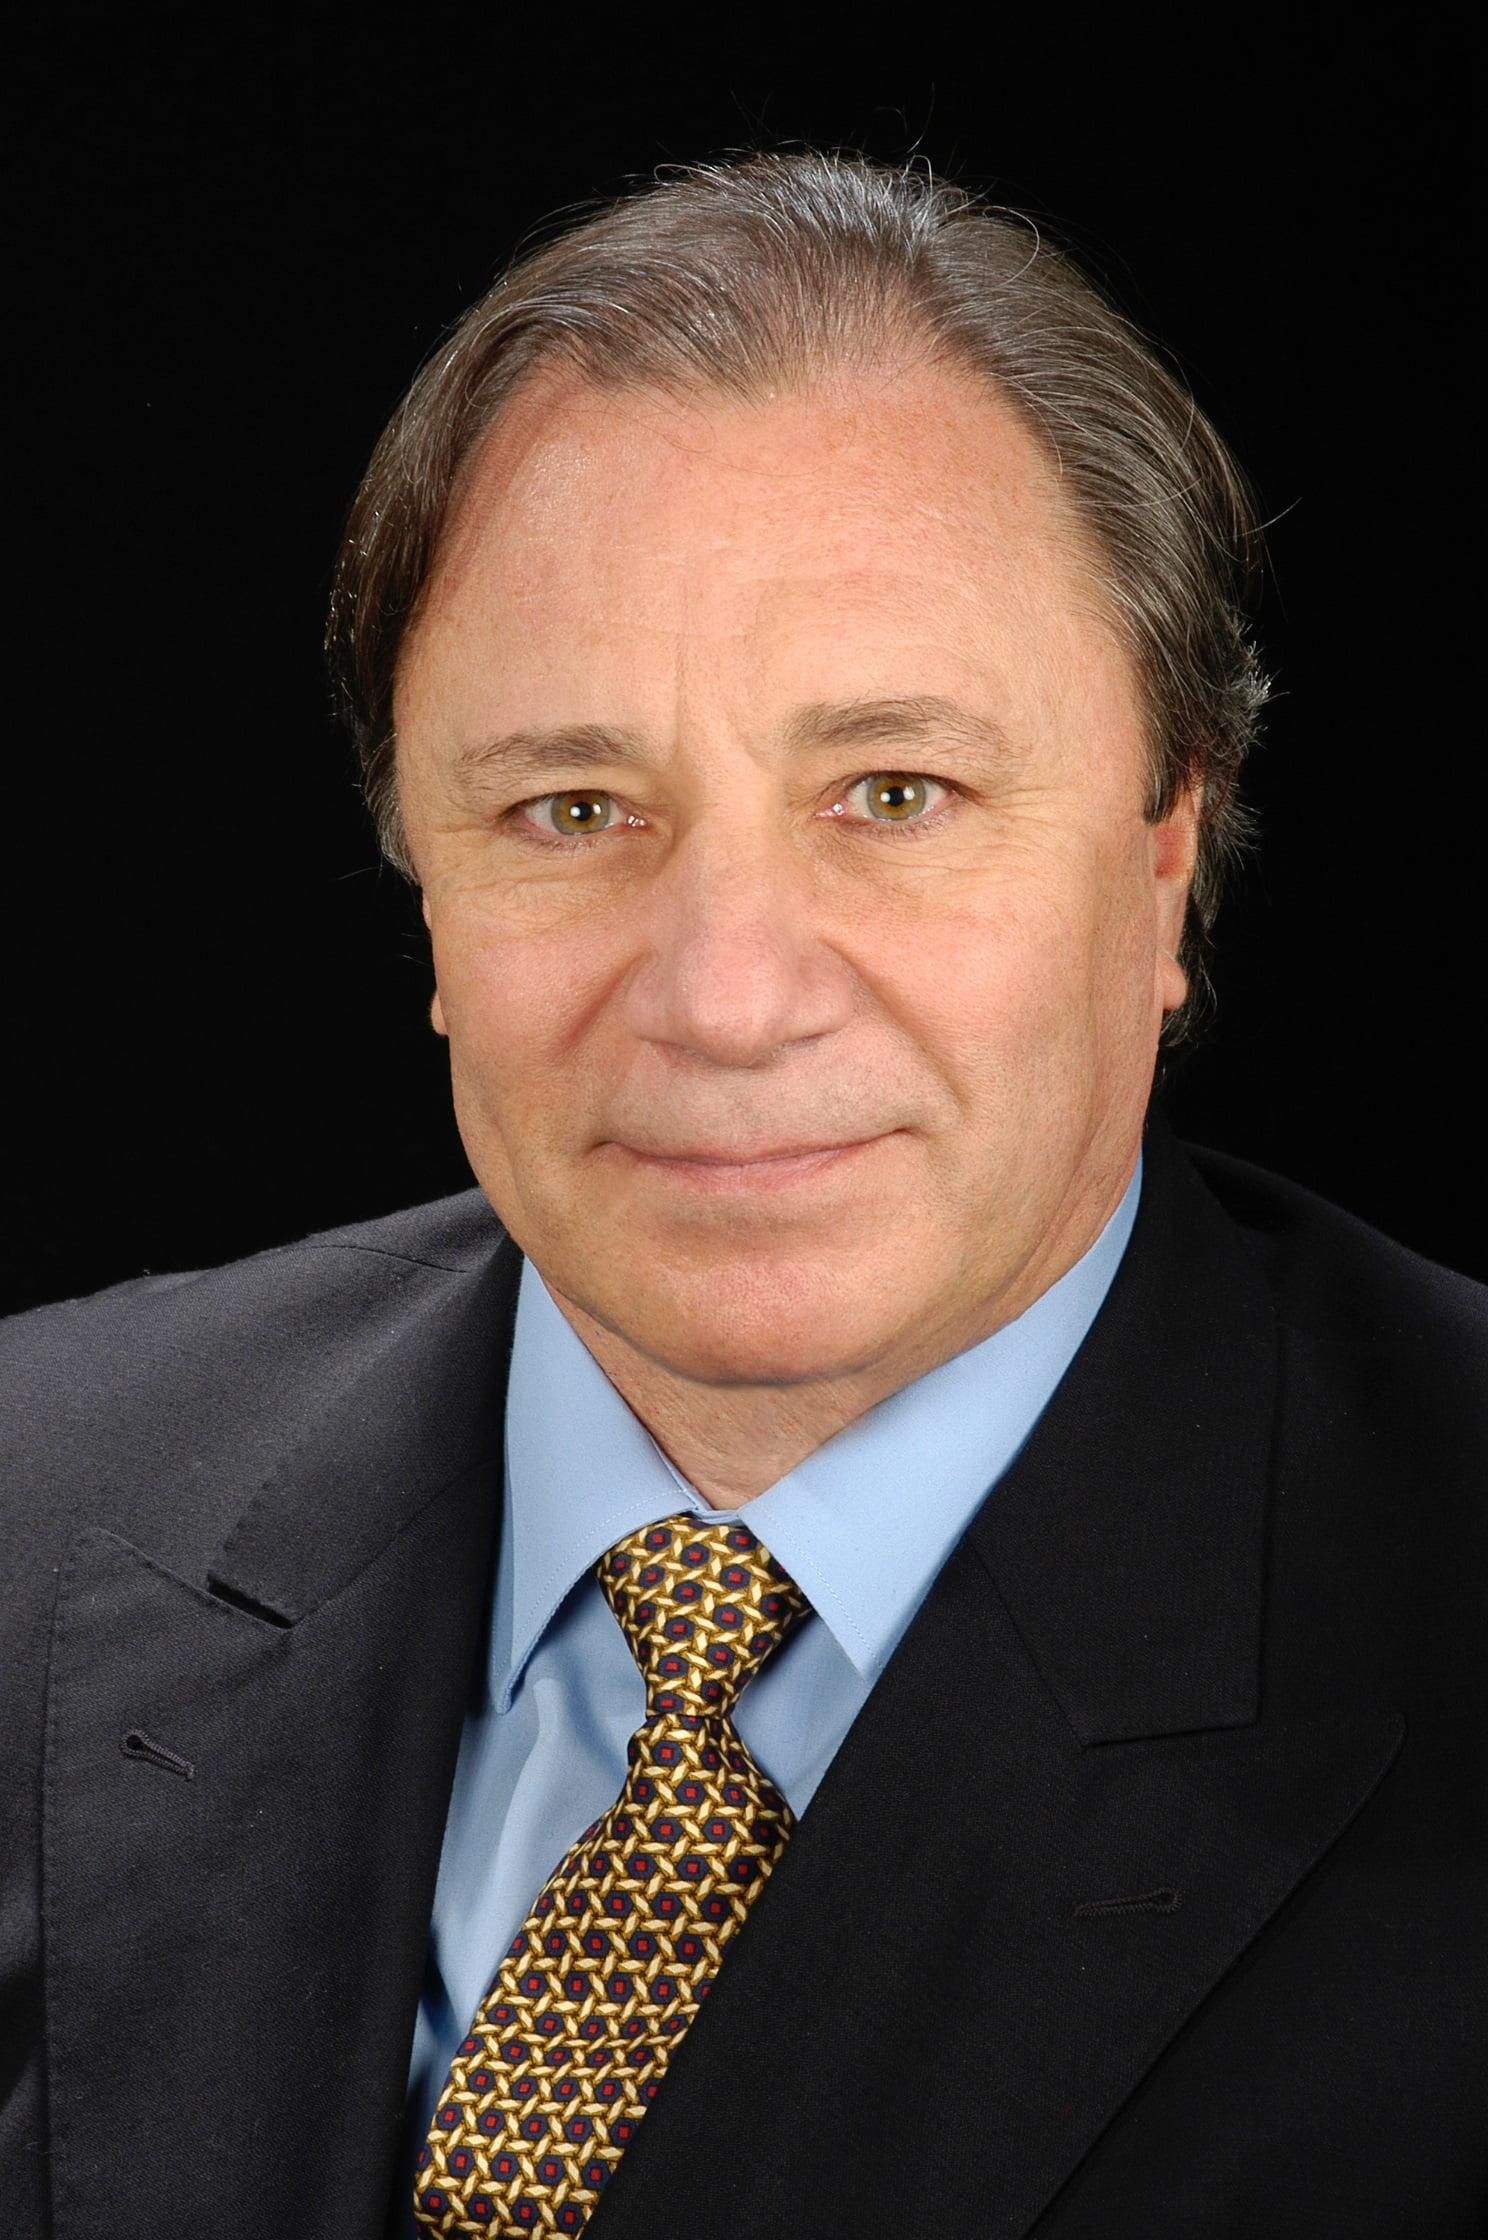 DR. RUDOLF MORGENSTERN